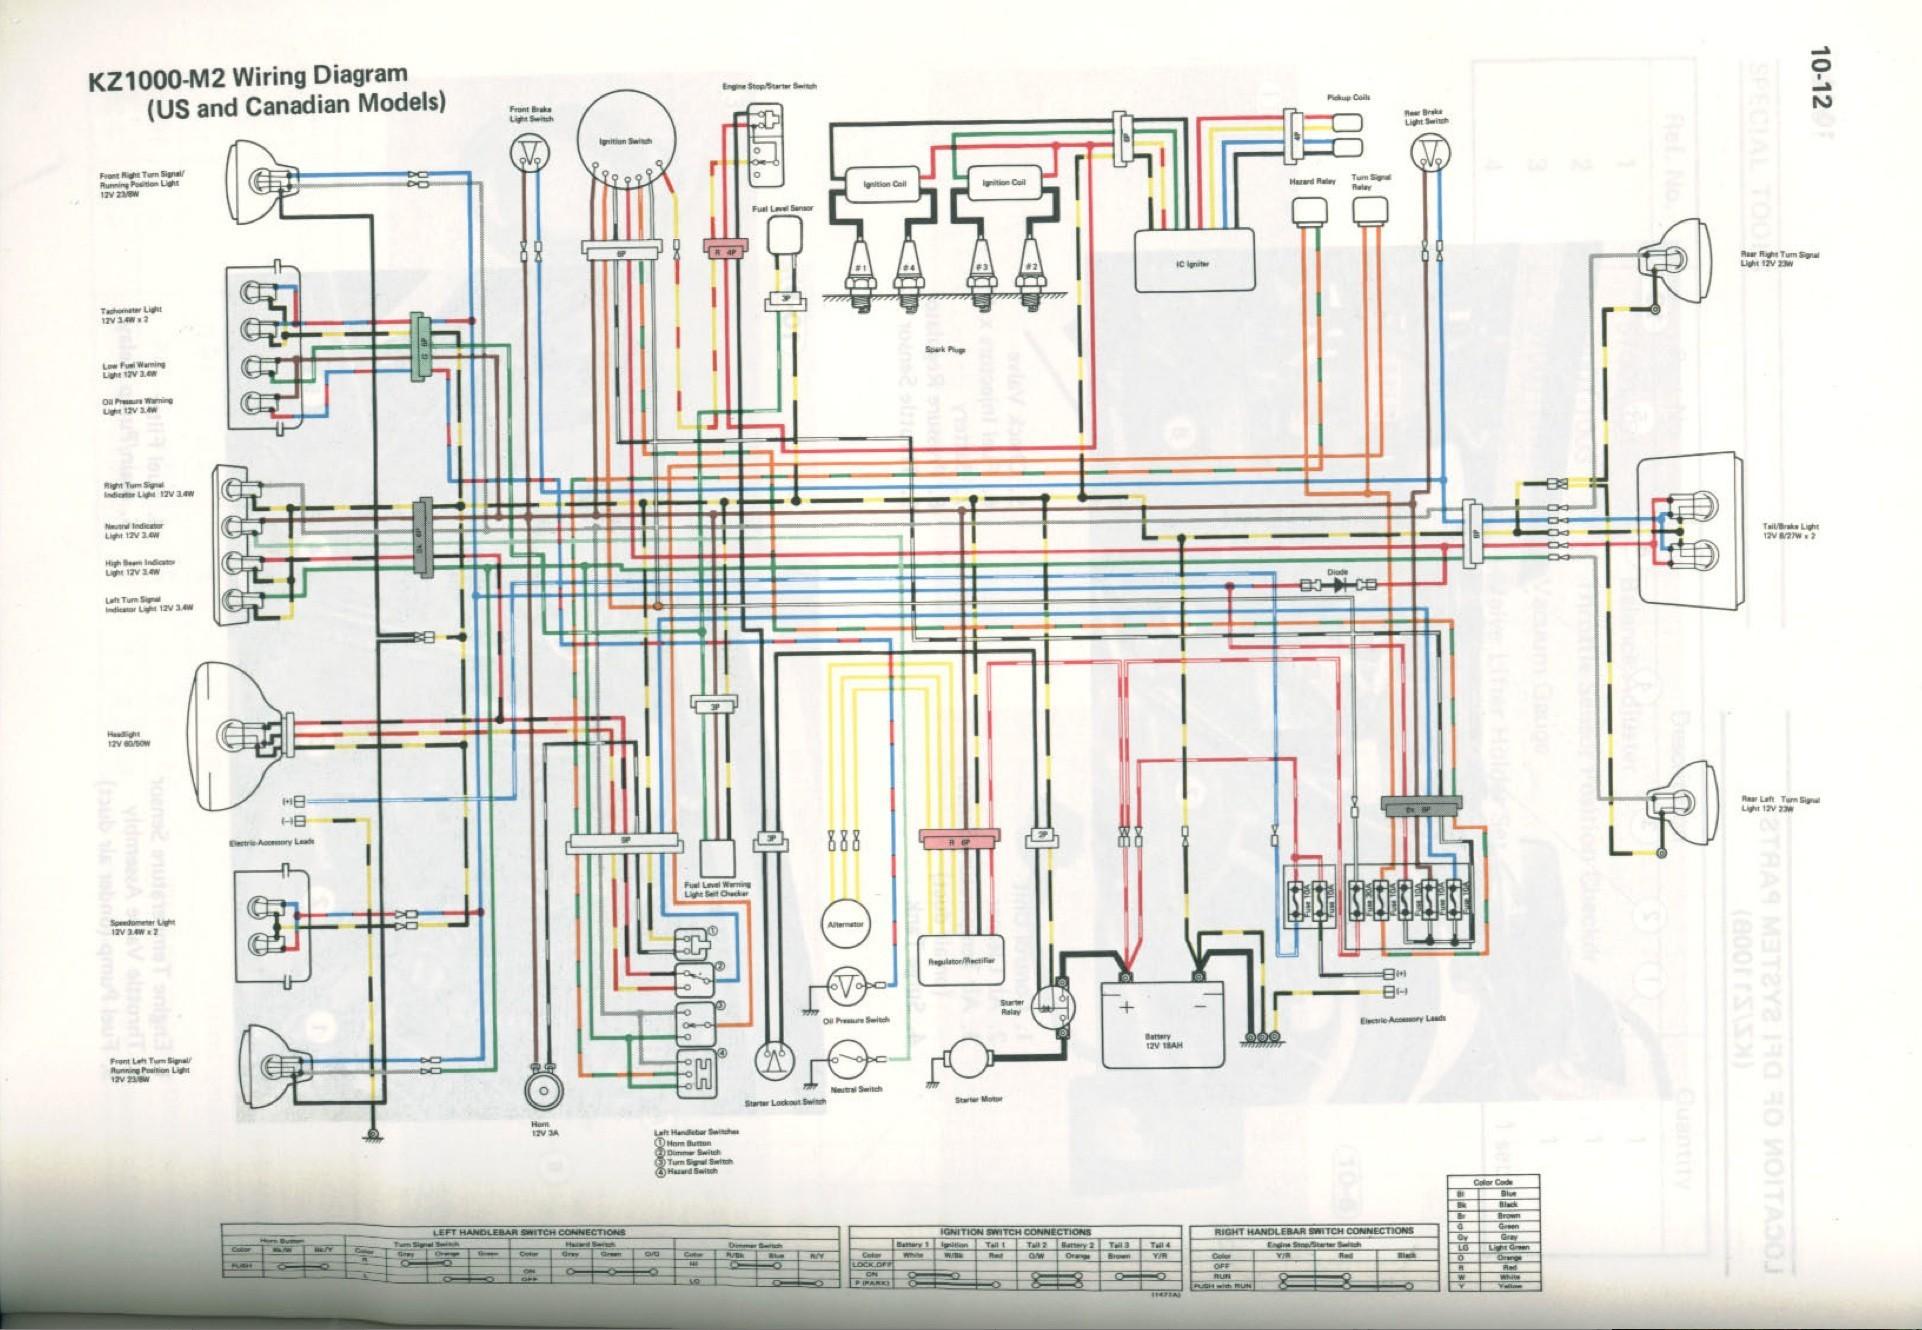 Cb650 Wiring Diagram 1981 Kz1000 Wiring Diagram Of Cb650 Wiring Diagram